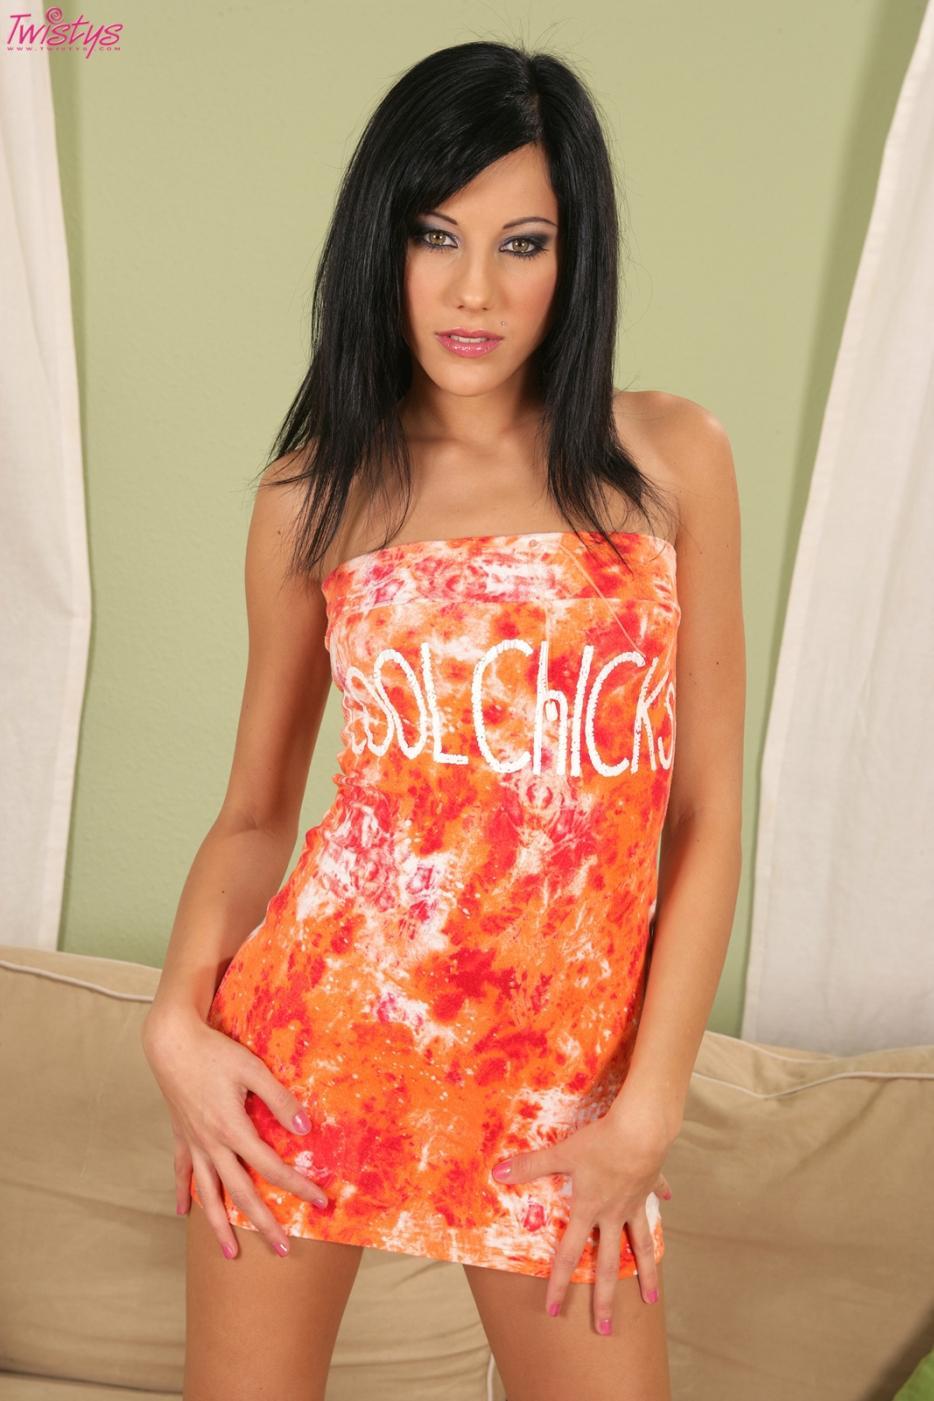 Изящная брюнетка с стриженной вульвой Anita Pearl снимает свое короткое оранжевое платье